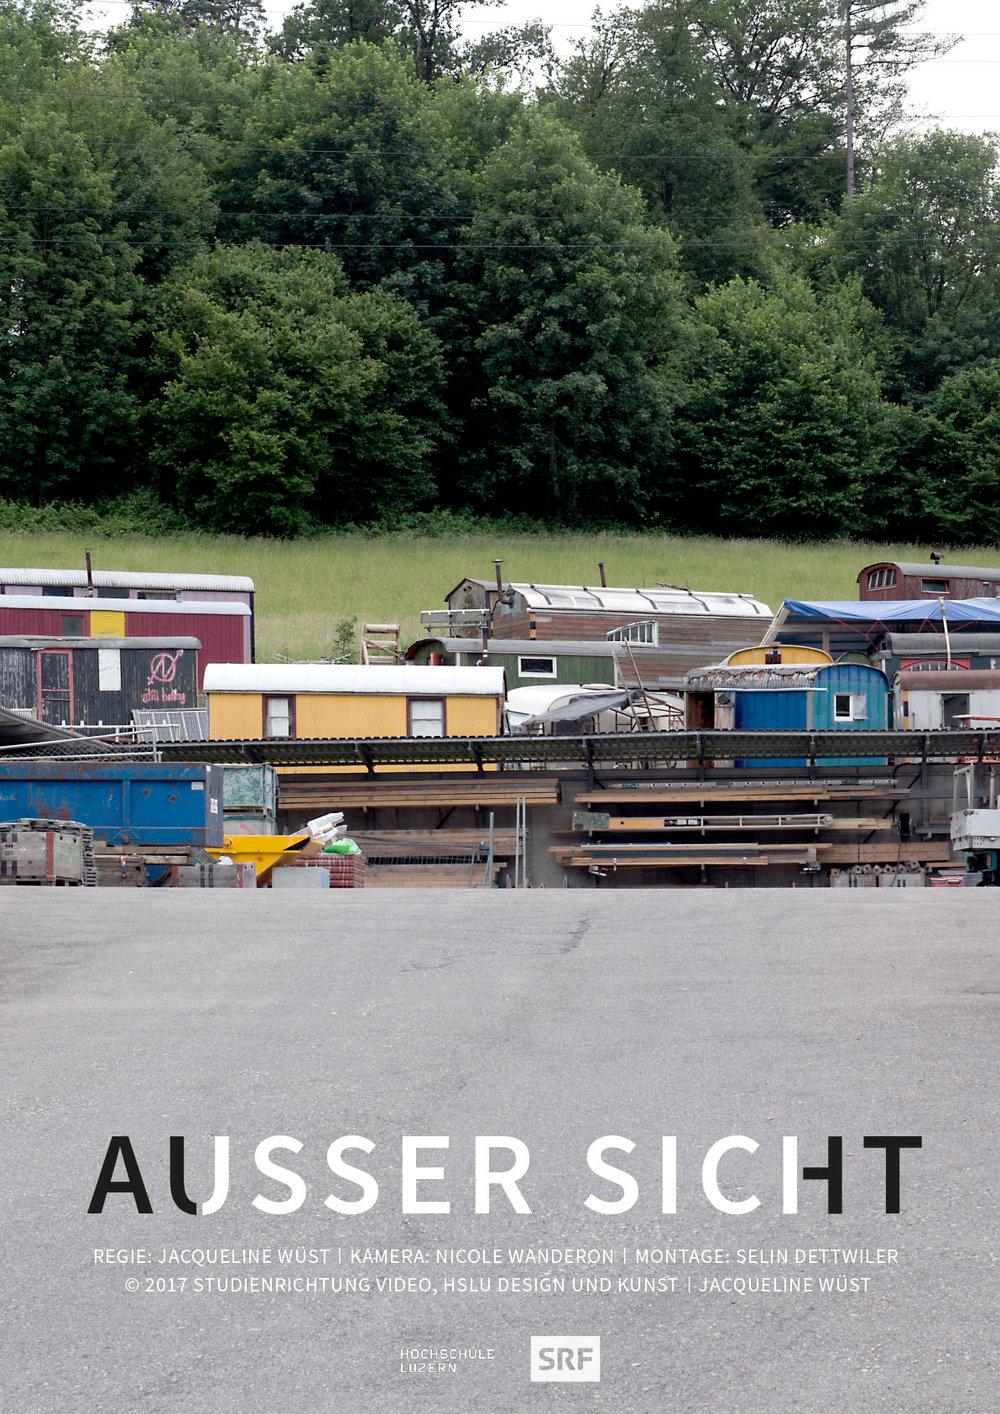 Ausser Sicht - doc., 14'06'', 2018